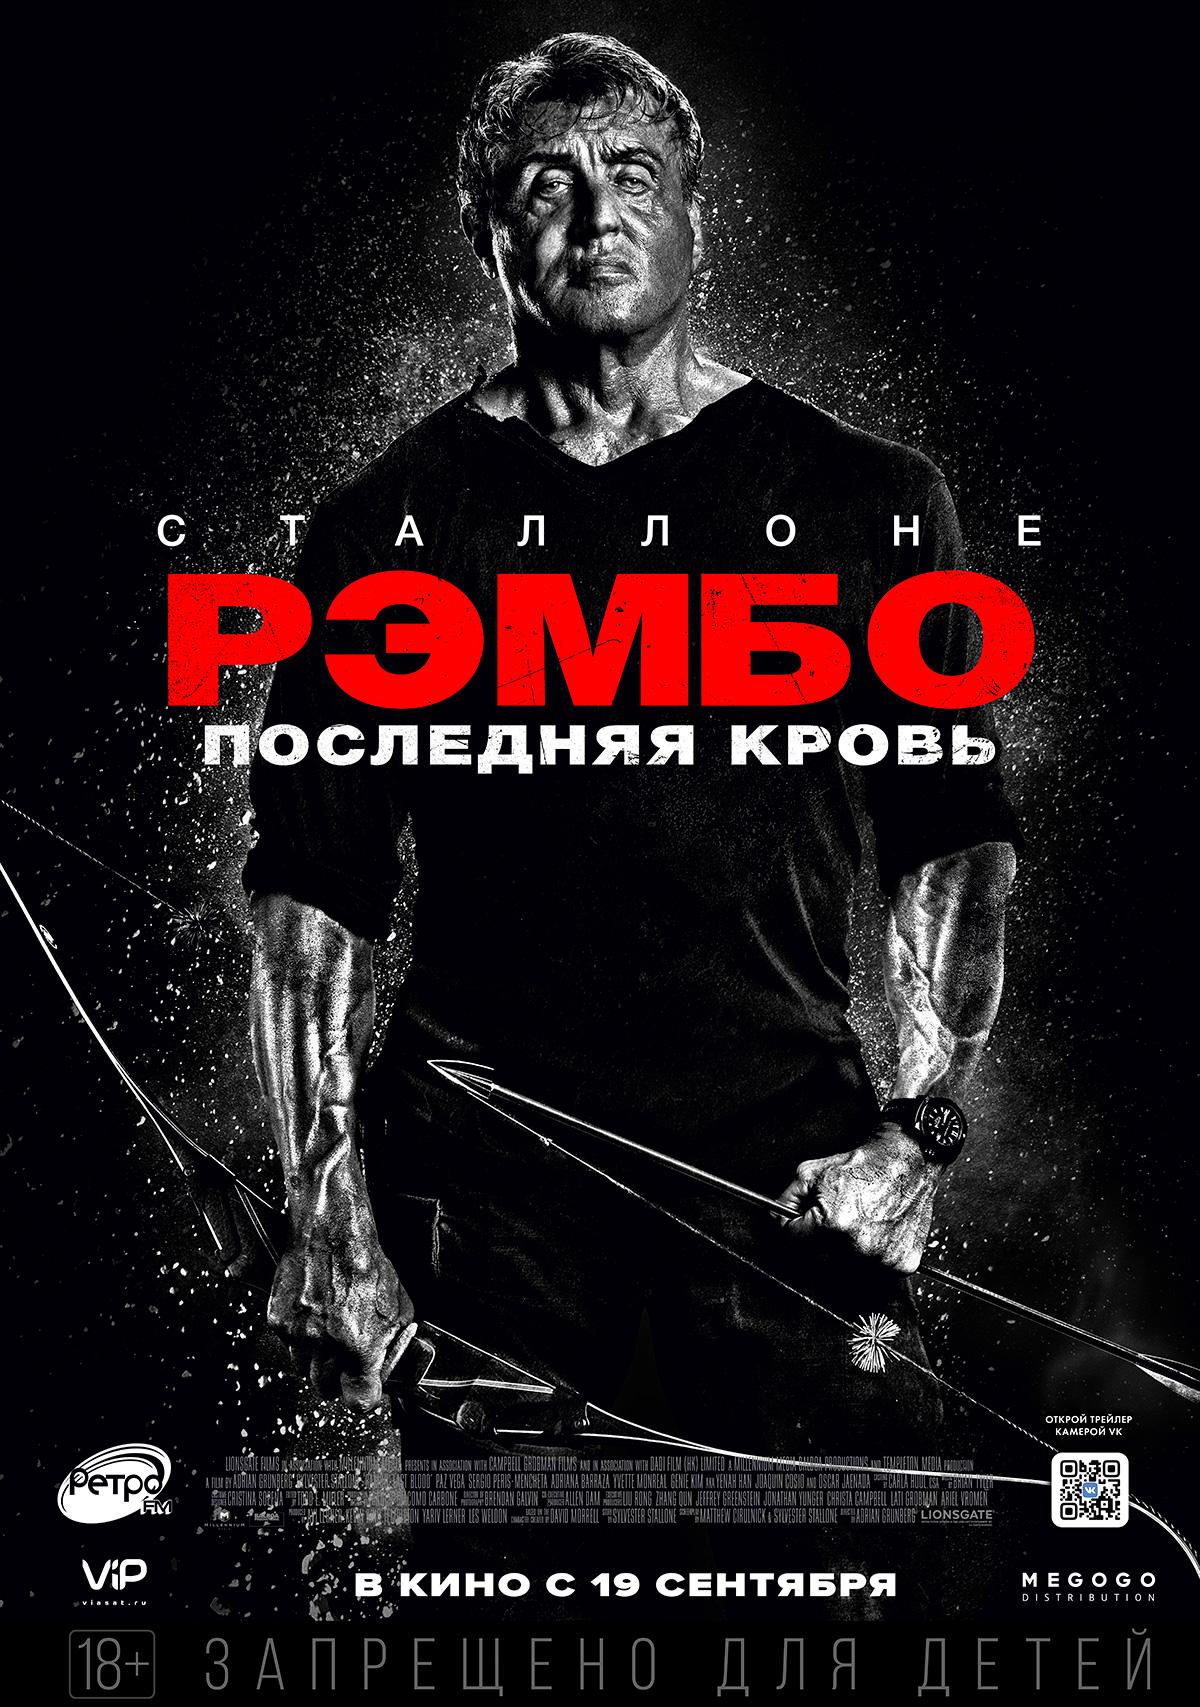 Рэмбо: Последняя кровь Пушка курган расписание сеансов